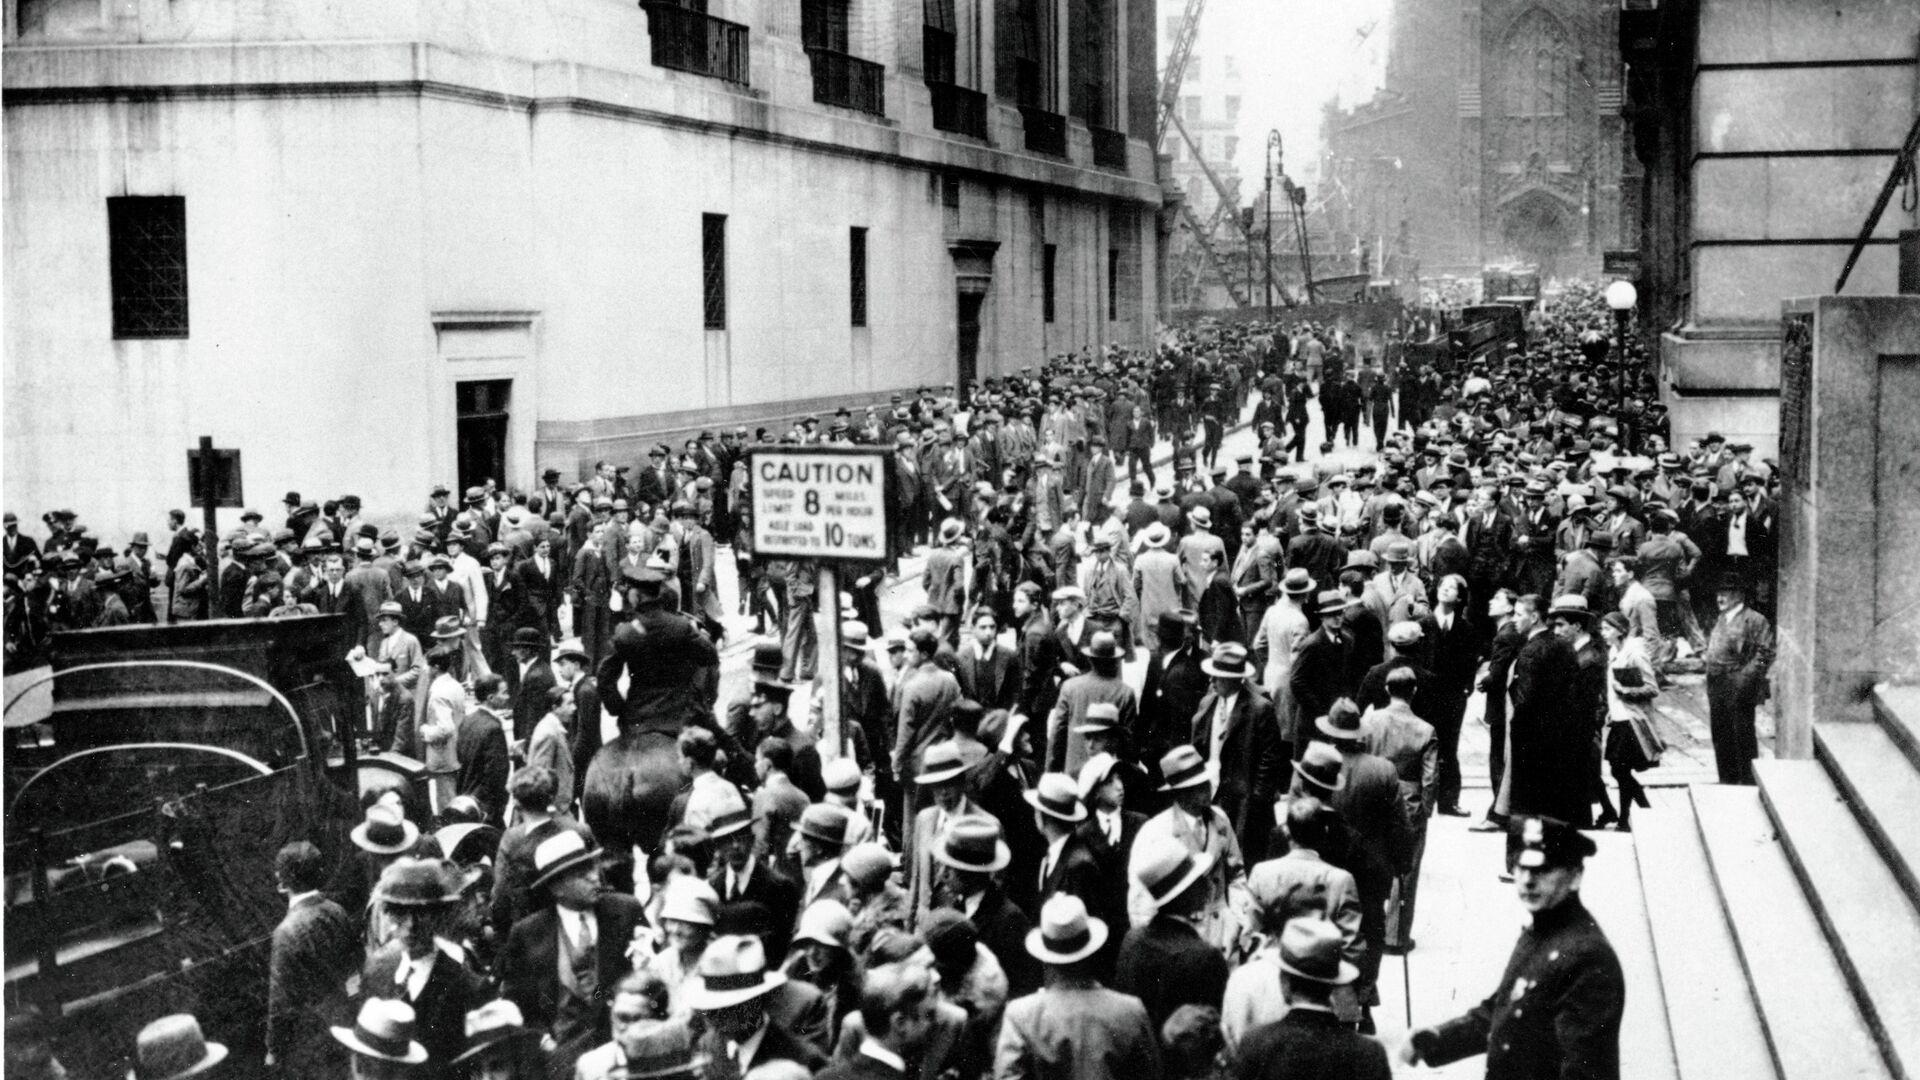 Толпа на Уолл-стрит в Нью-Йорке, США. 1929 - РИА Новости, 1920, 03.09.2020